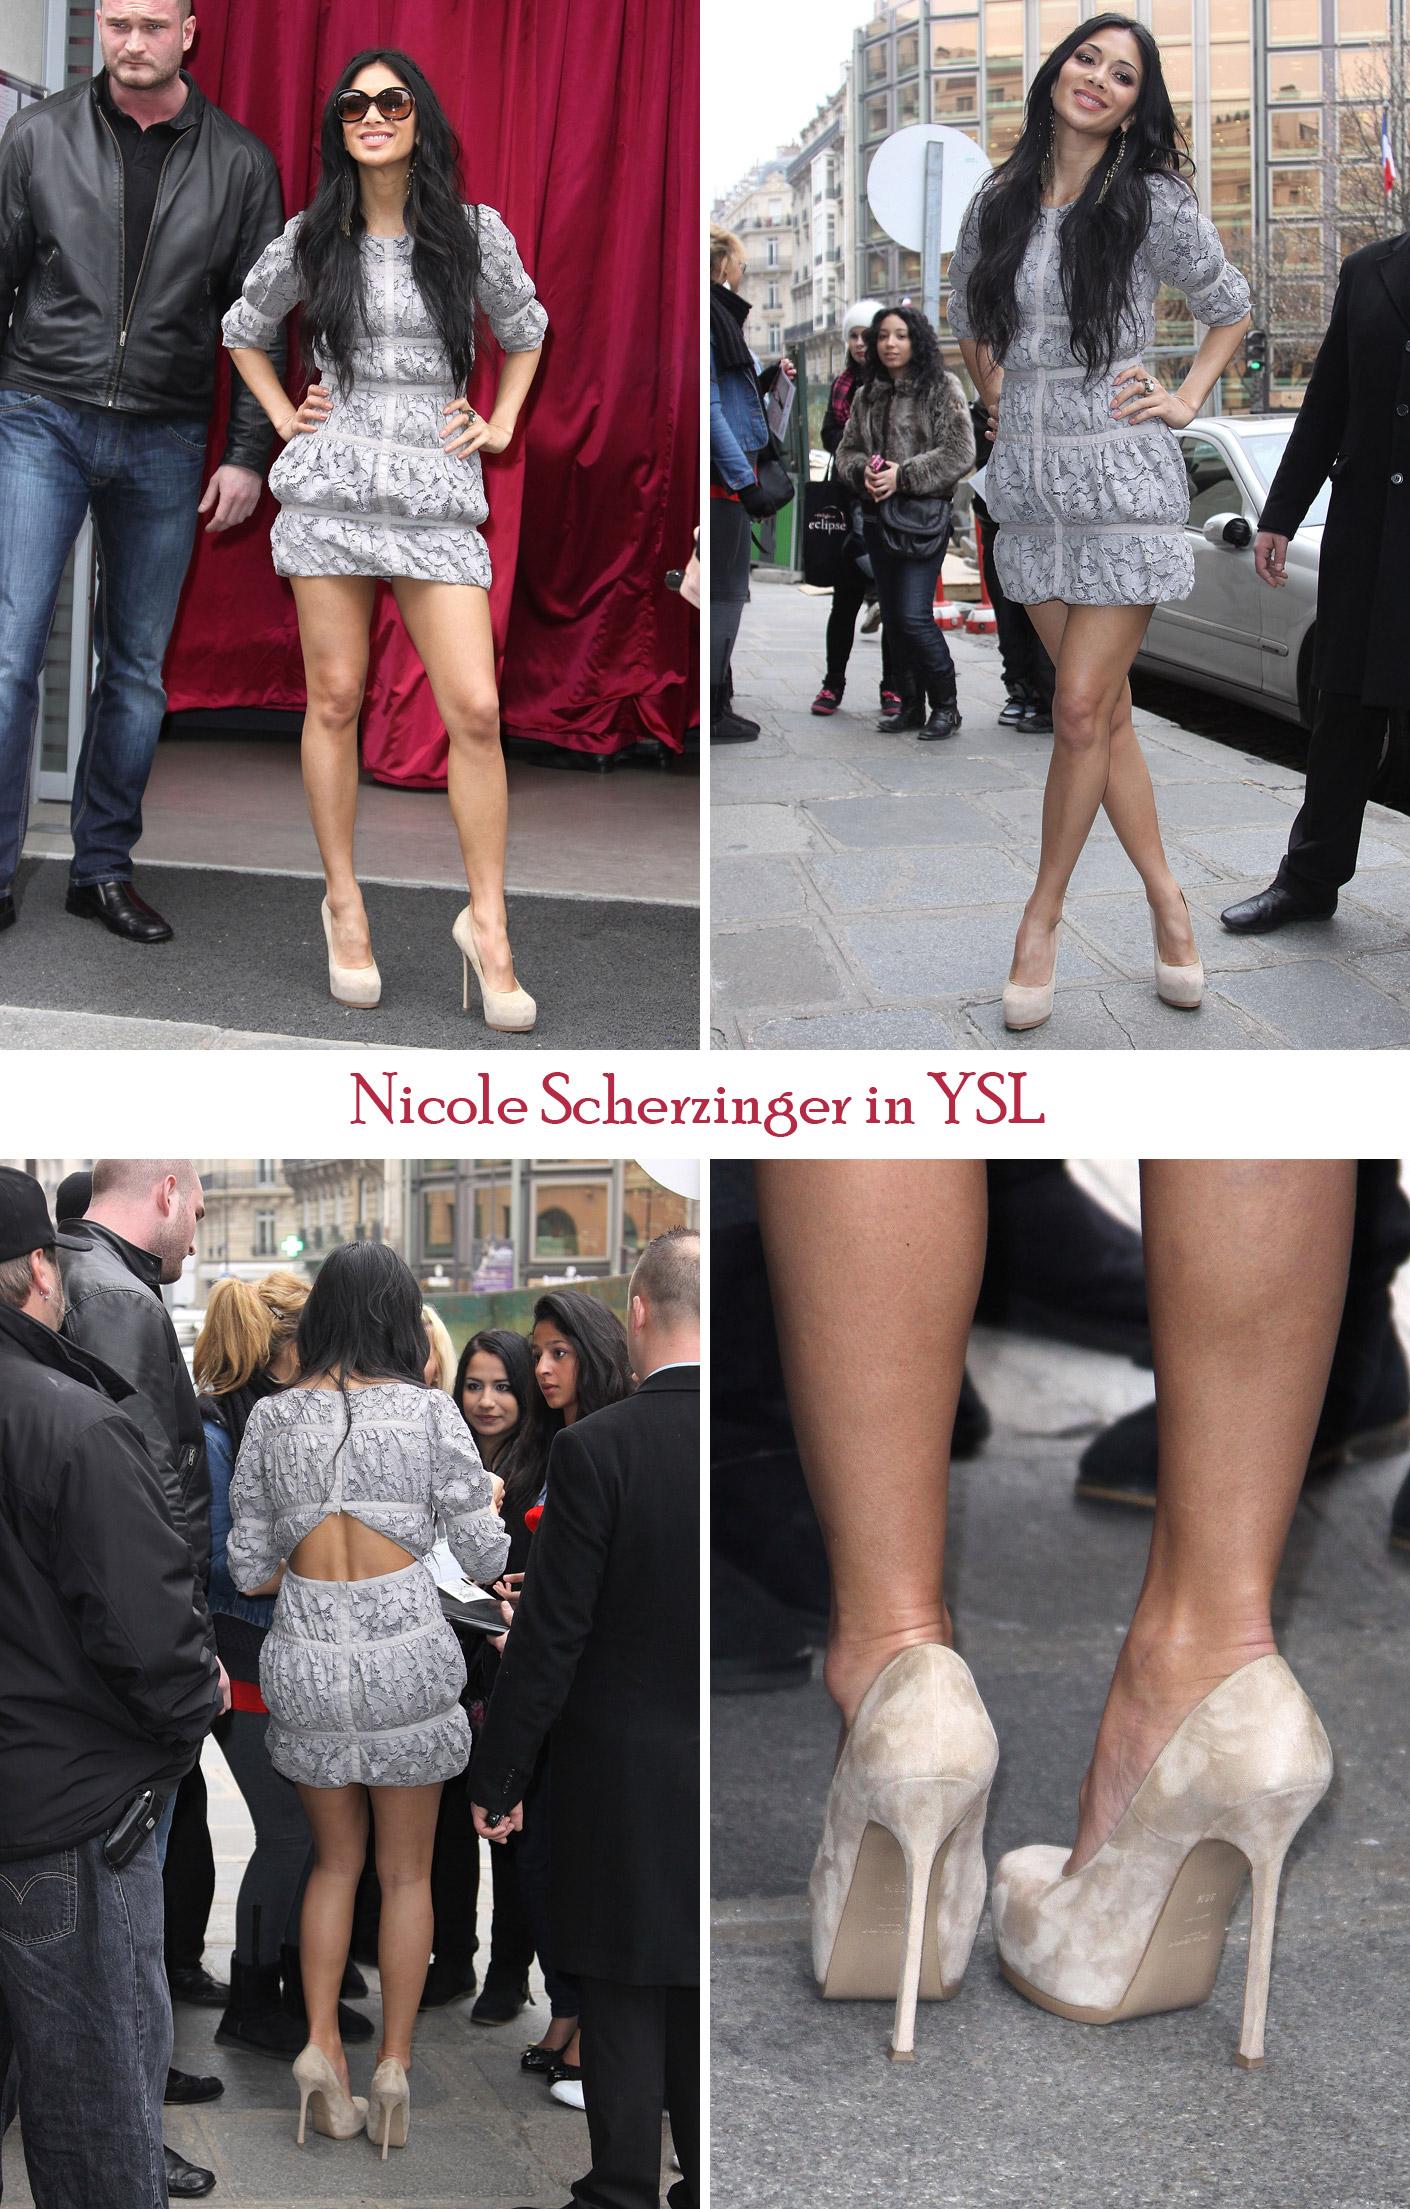 ba2c6a725f6 An update on YSL heels